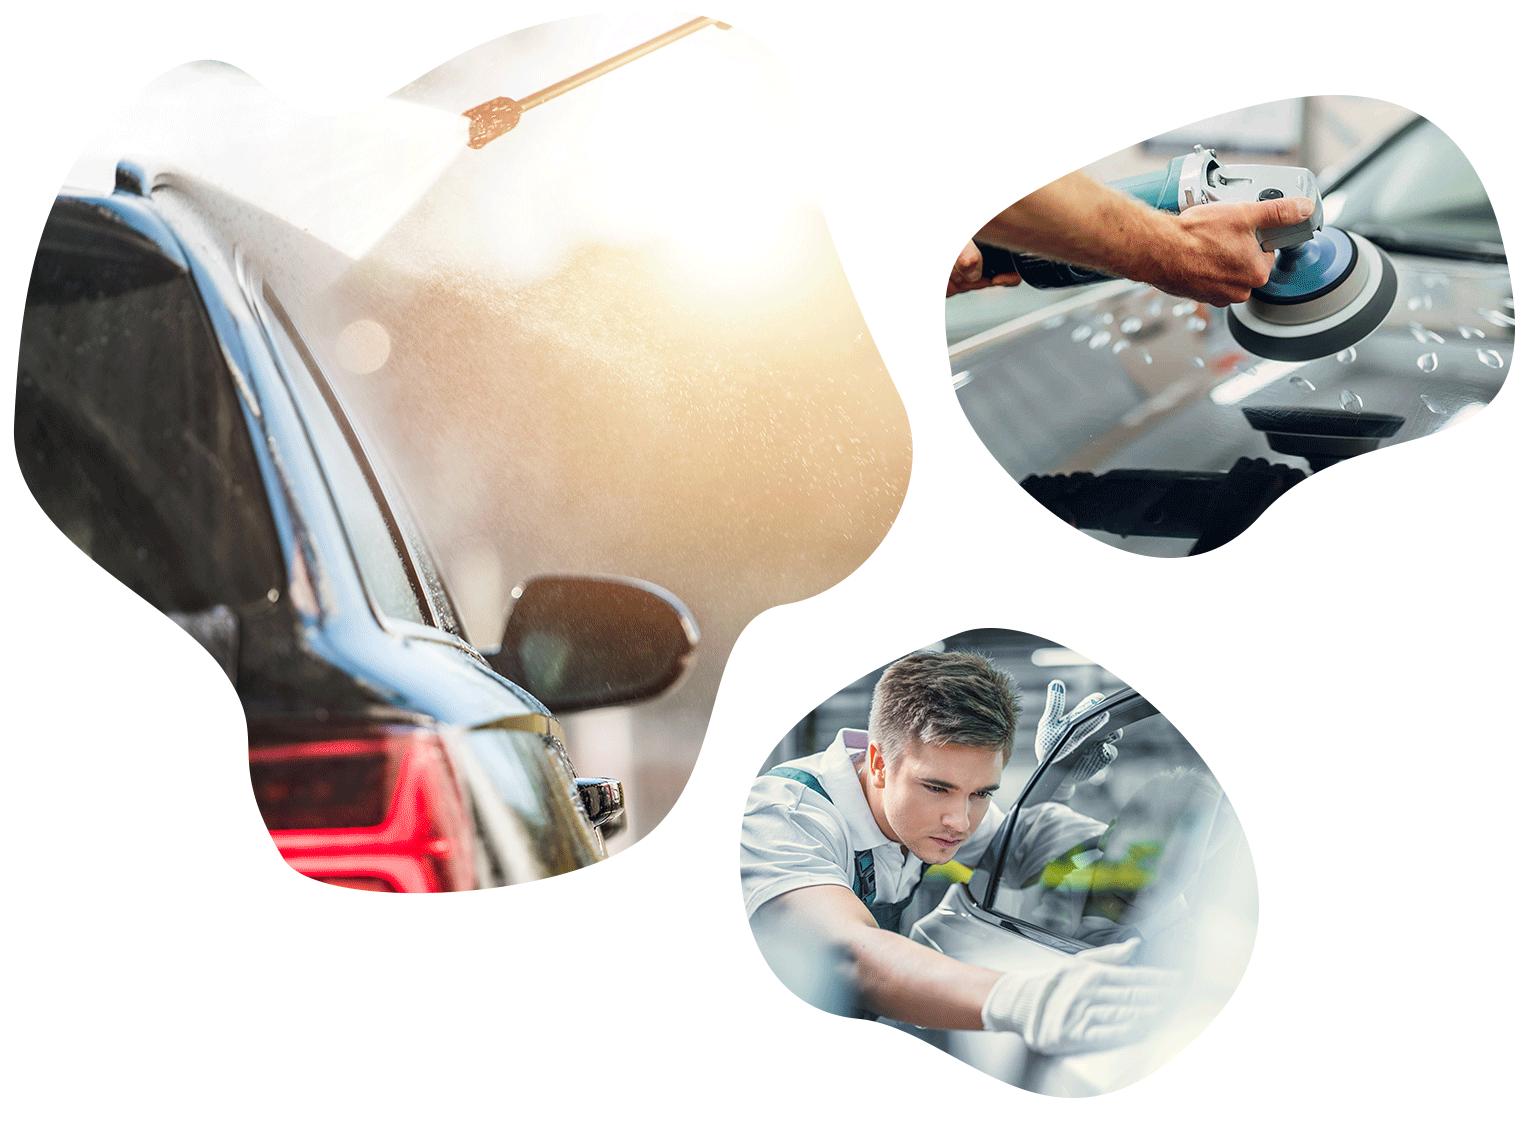 zunanje čiščenje avtomobila